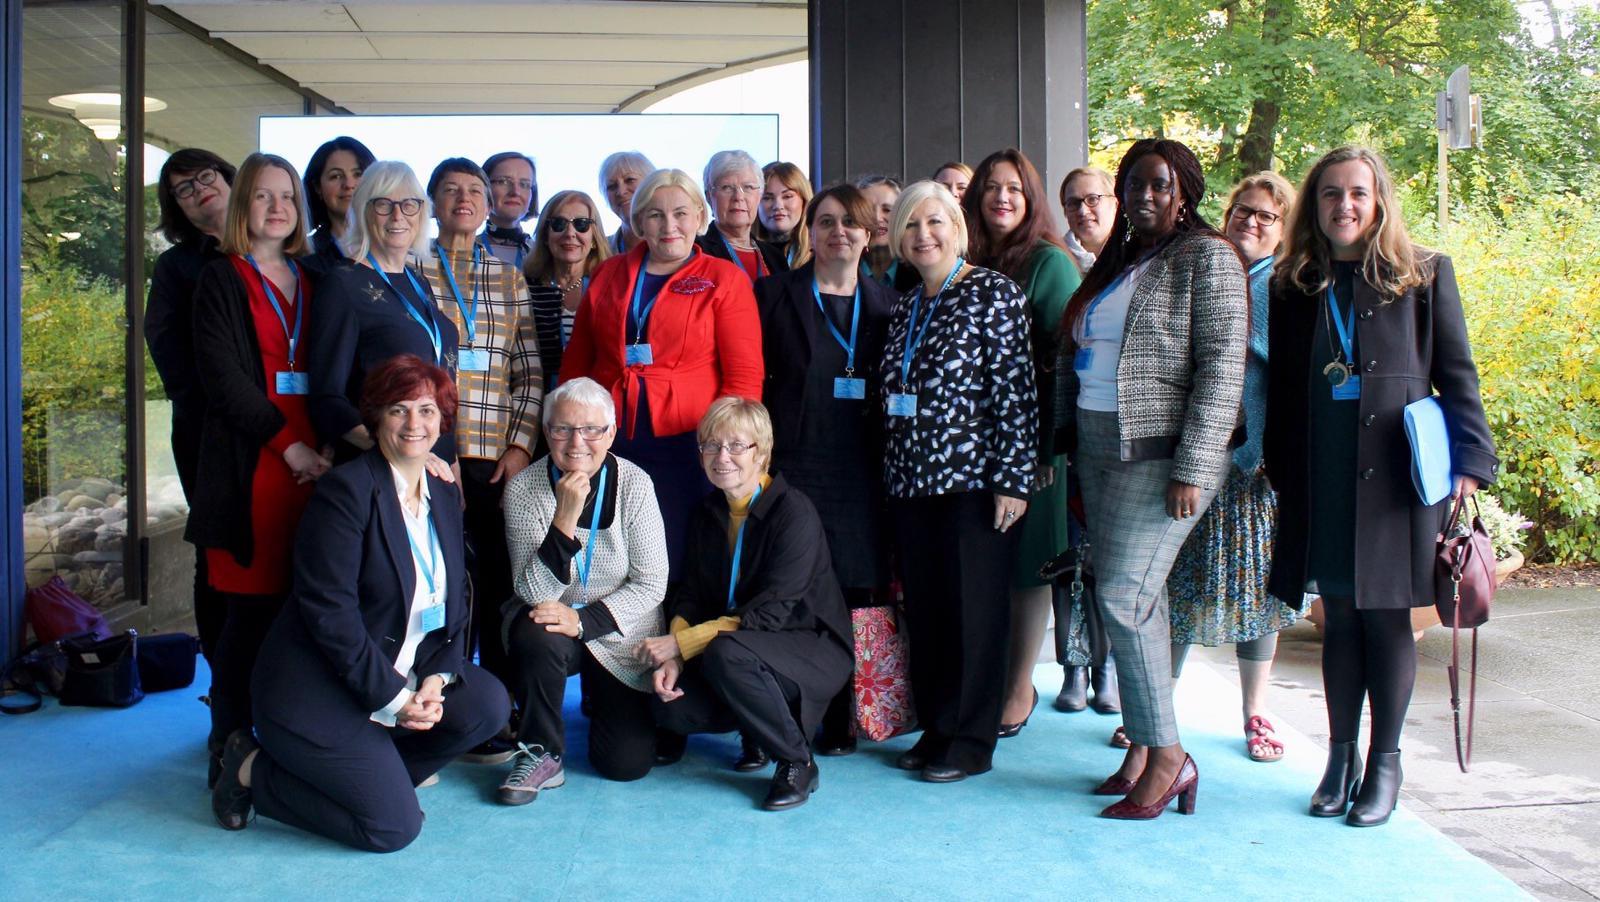 Helsinki - 30 septembre 2019 - organisée par la Présidence de la Finlande du Conseil de l'Union Européenne